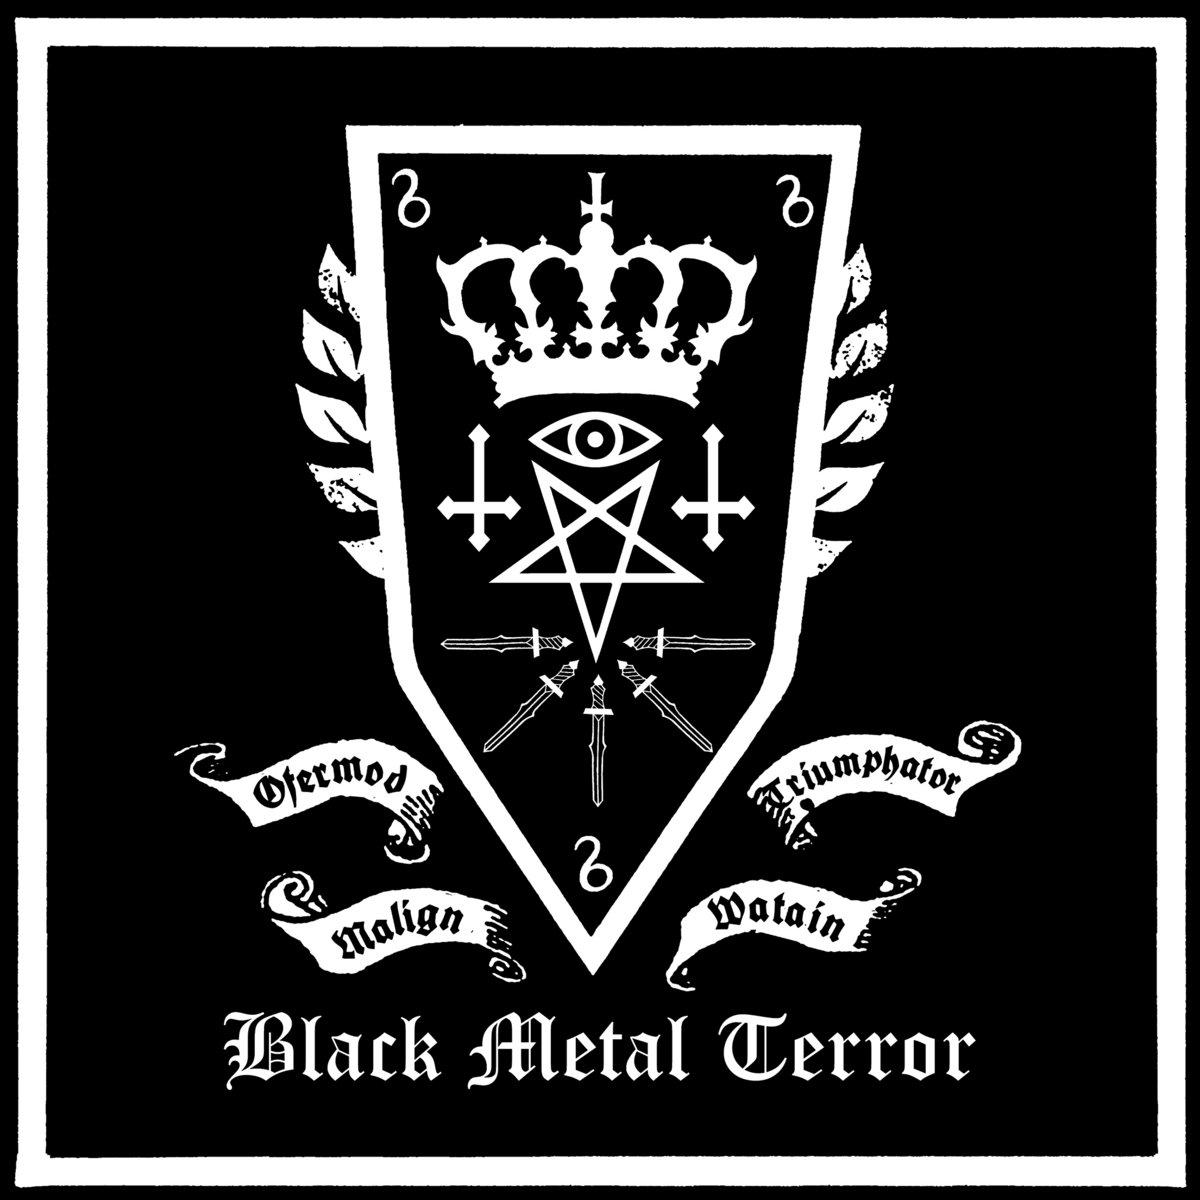 BLACK METAL TERROR | Helter Skelter Productions